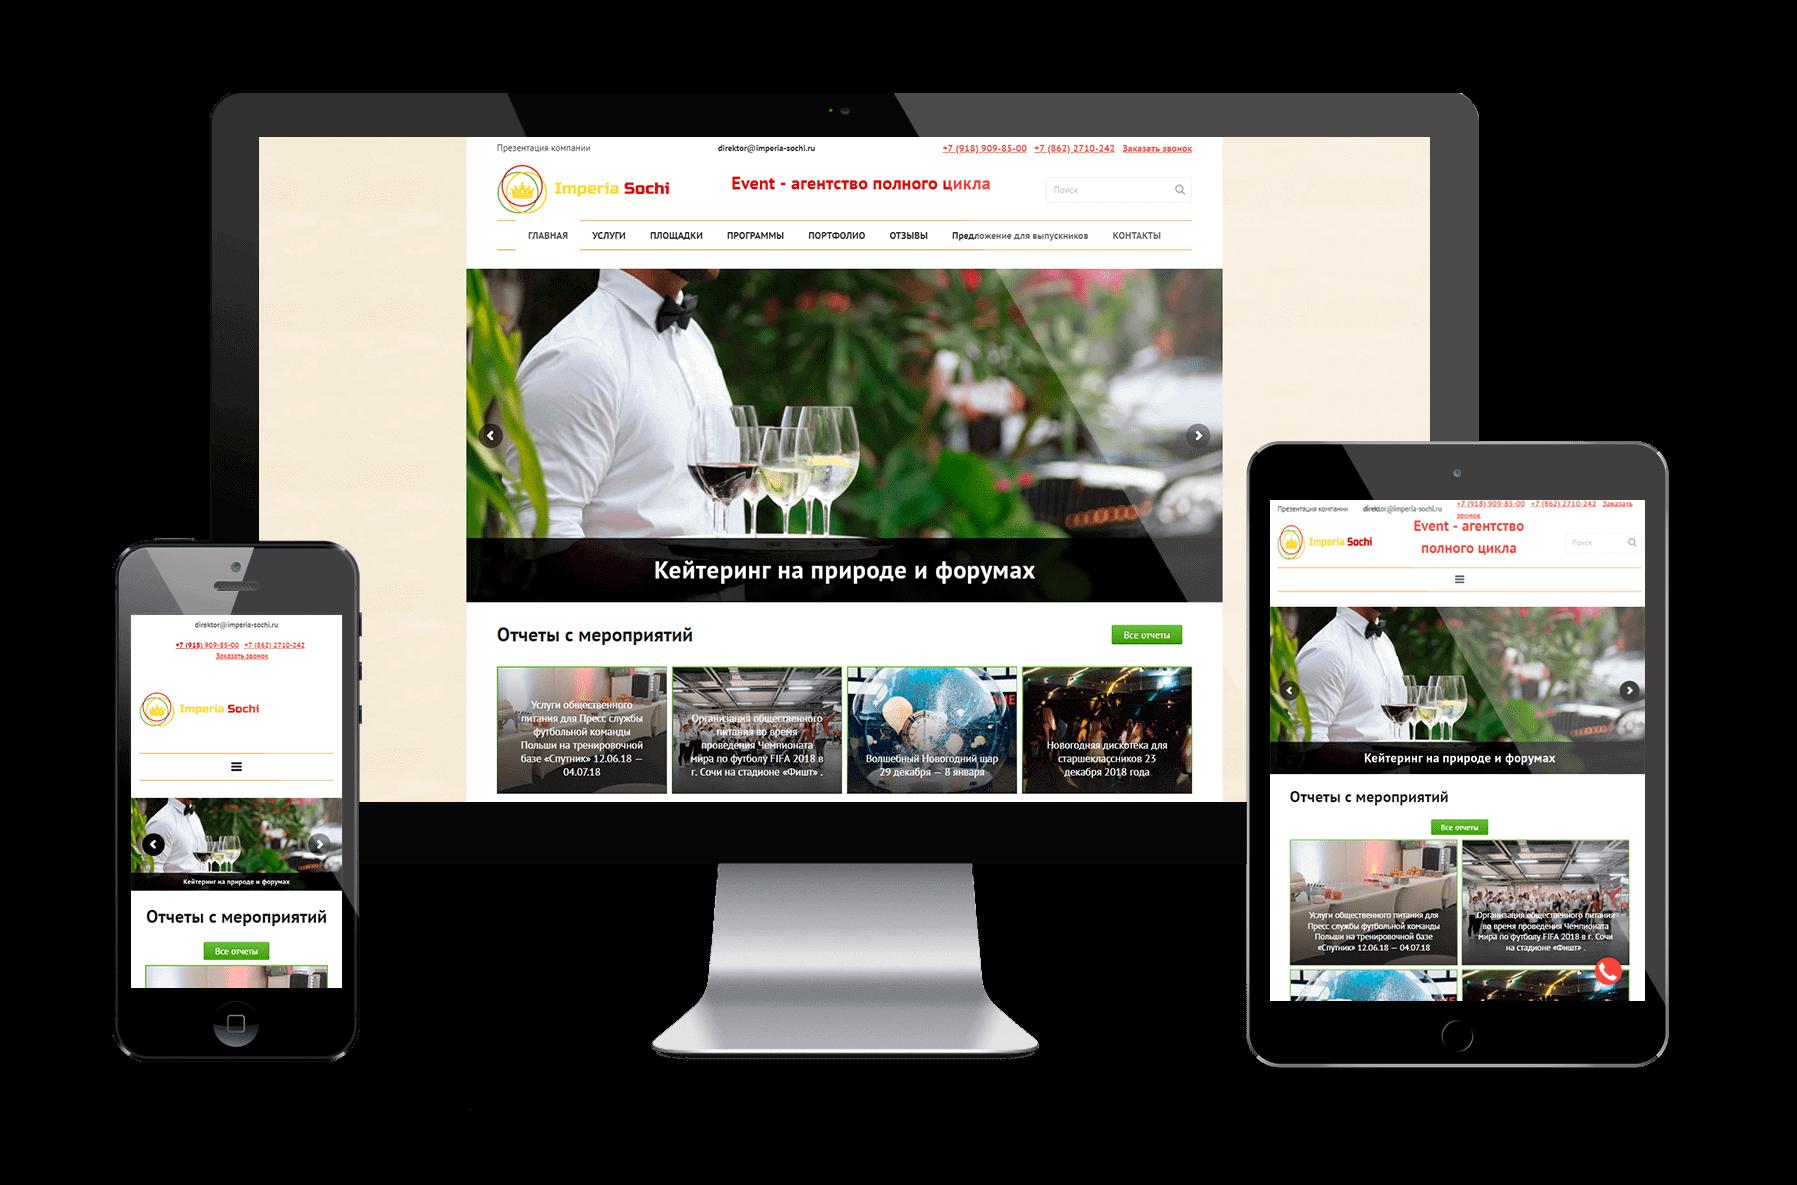 Корпоративный сайт — Event — агентства «Империя — Сочи»